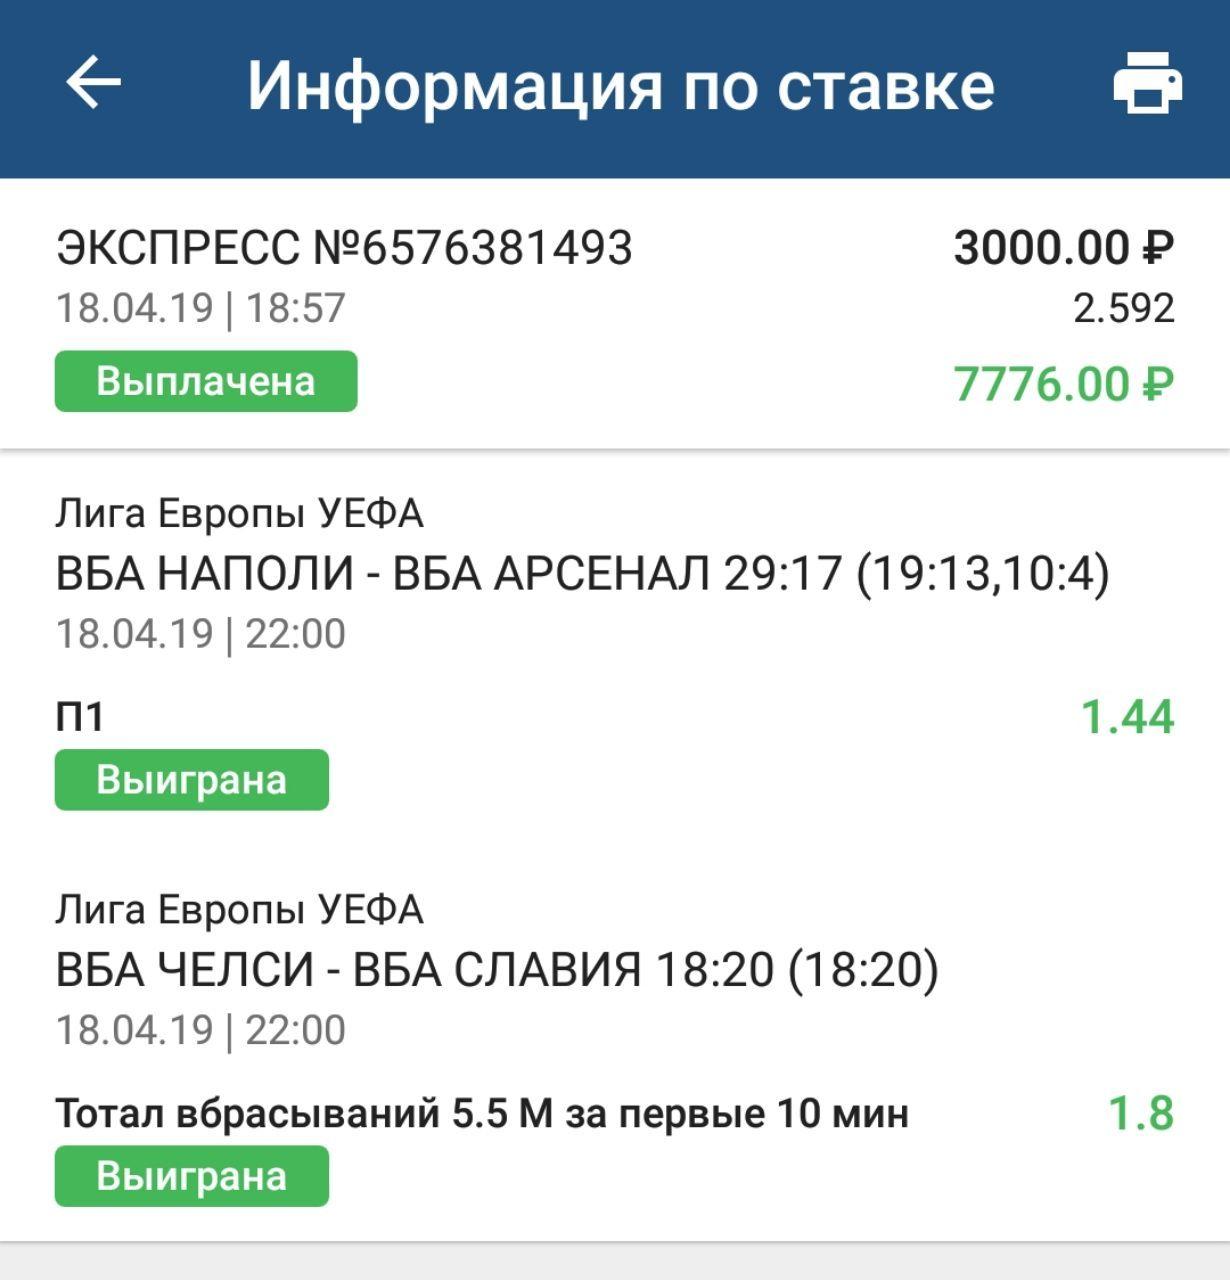 kanalrohr betting typ 17-04